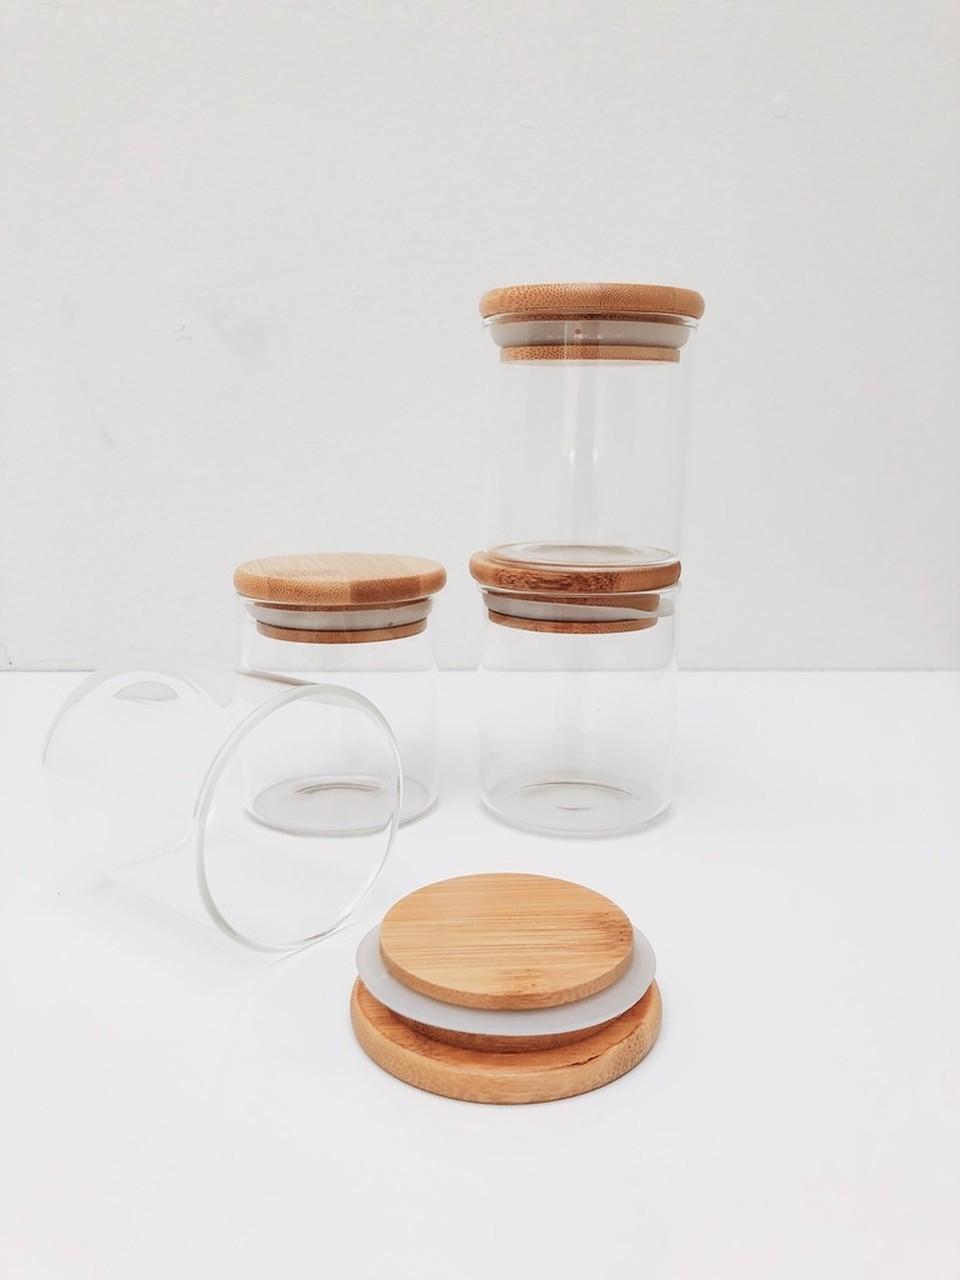 Kit Pote de Vidro com Tampa de Bambu 200ml - 4 Peças  - CASACOBRE